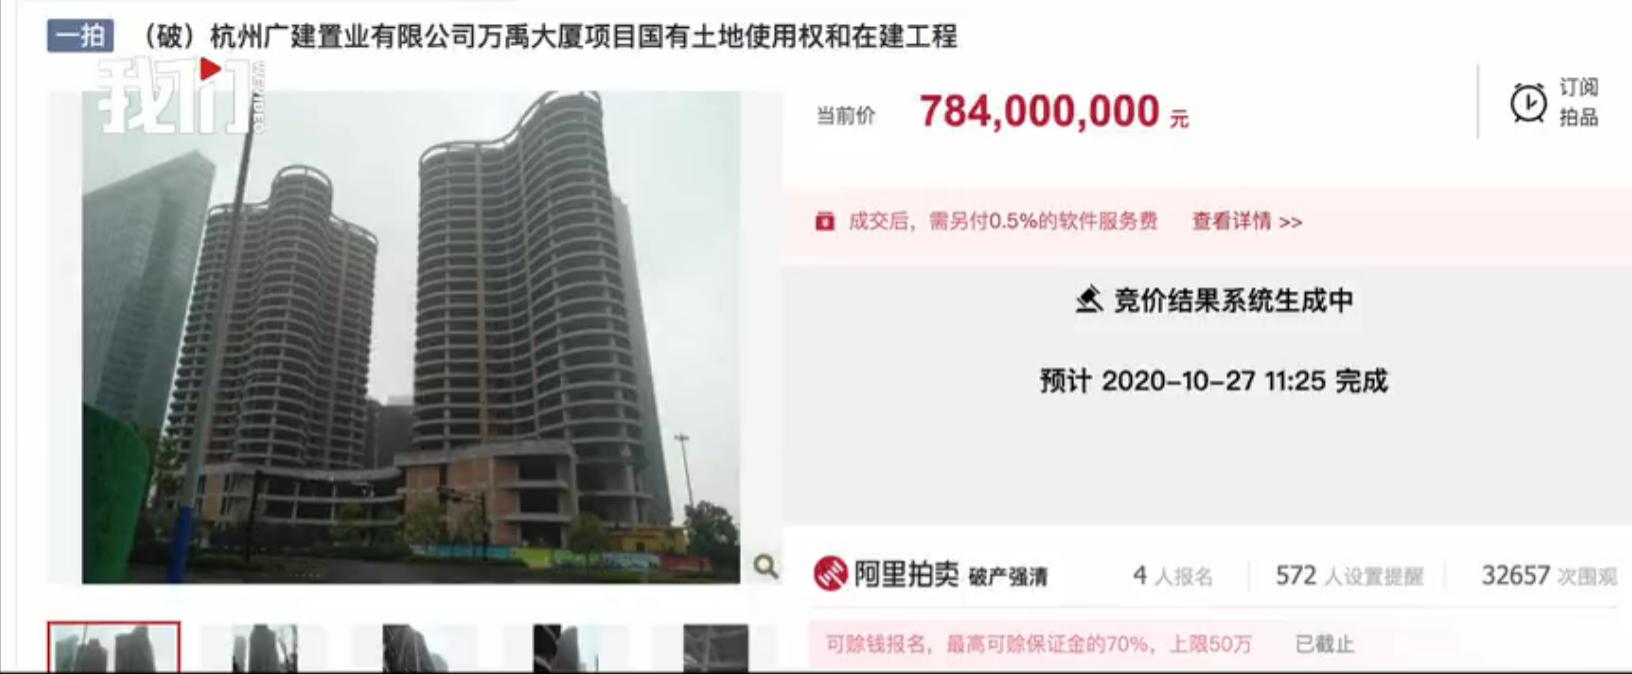 杭州一烂尾楼7.84亿成交,原所有人因非法吸收公众存款获刑图片